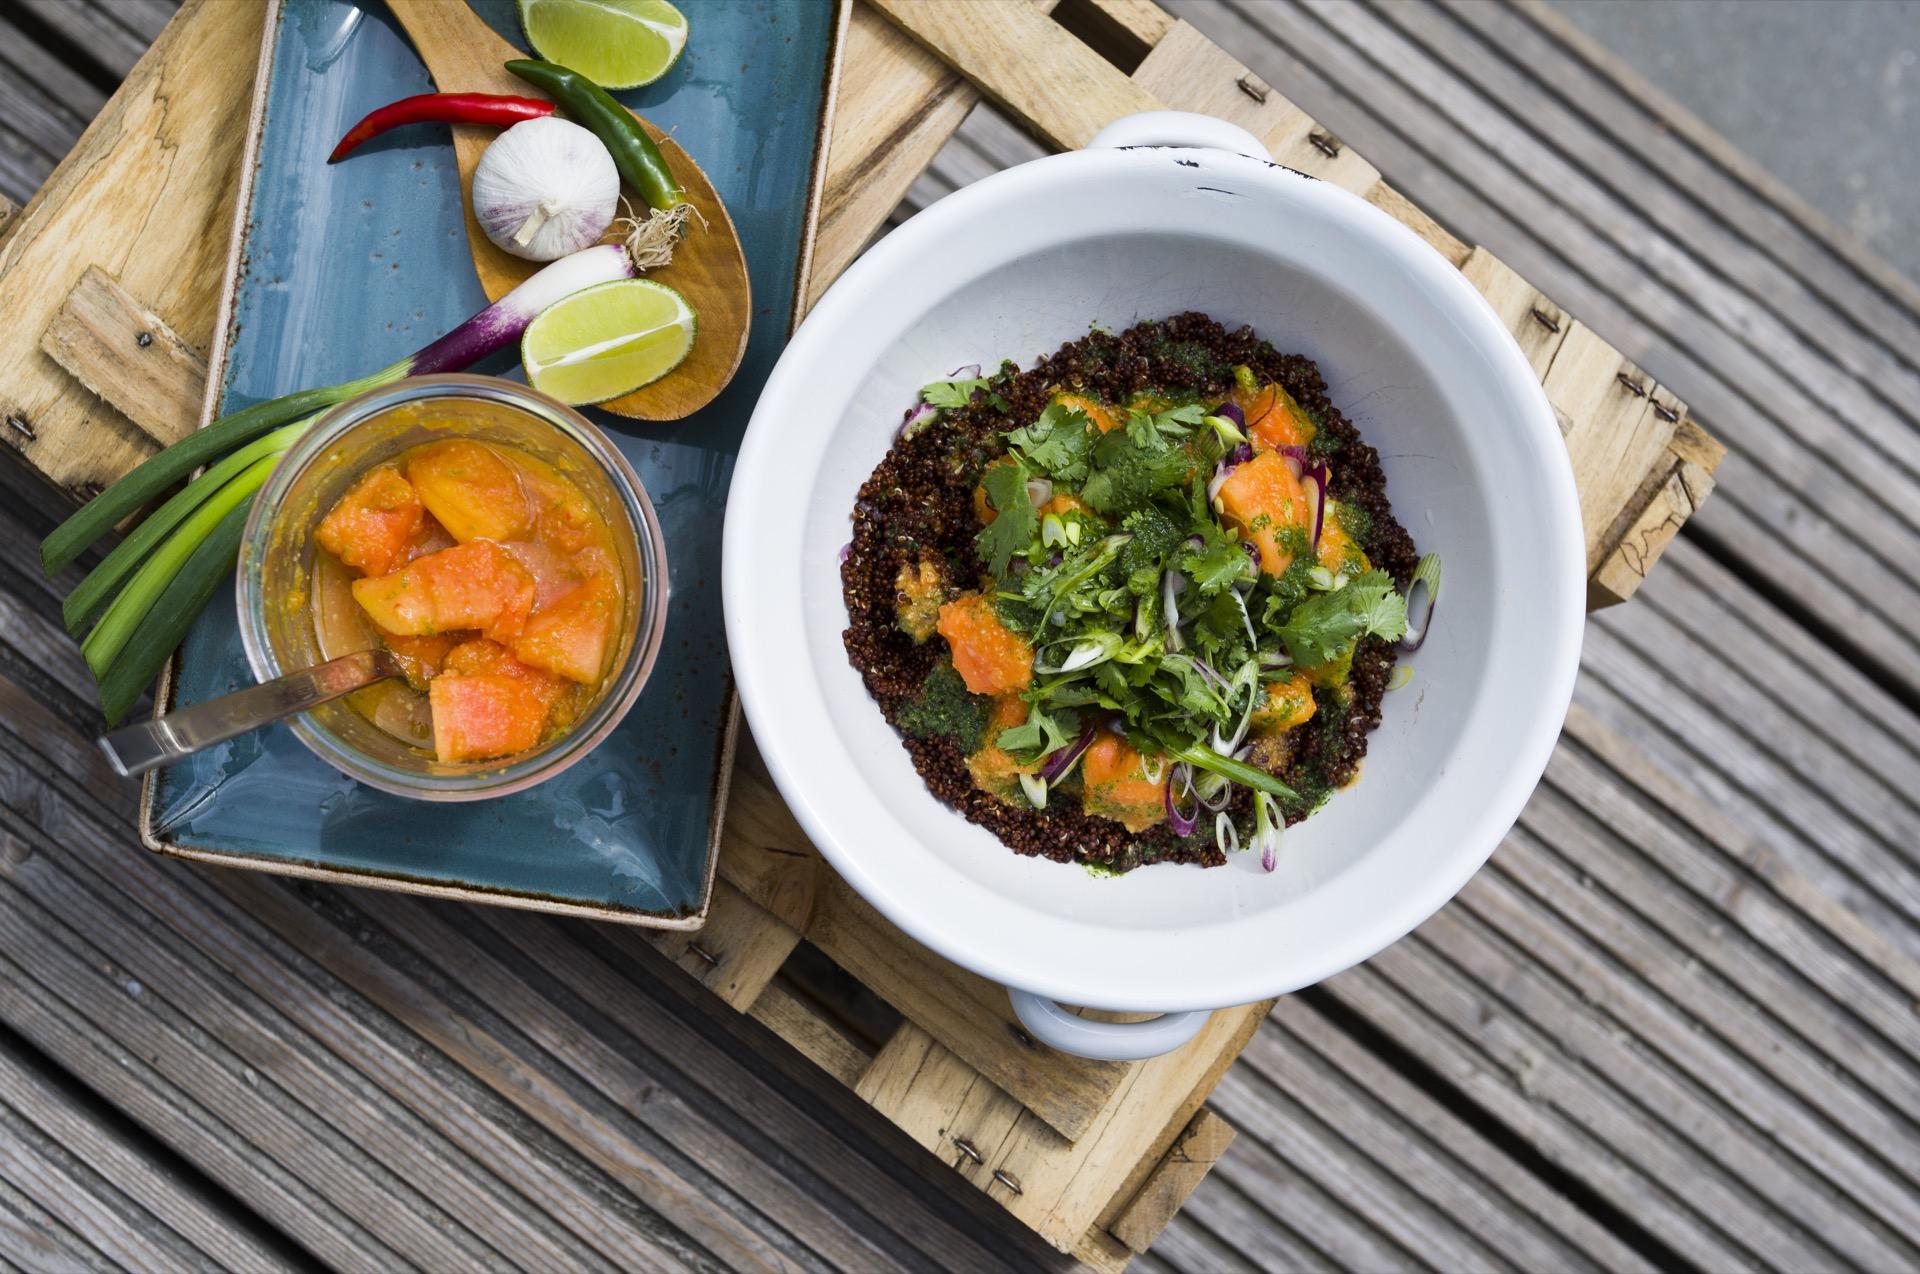 Lecker, leicht und perfekt für einen warmen Sommertag. Quinoa-Salat ©Oliver Hardtjaegermagazin jagd campers kitchen kochen köche